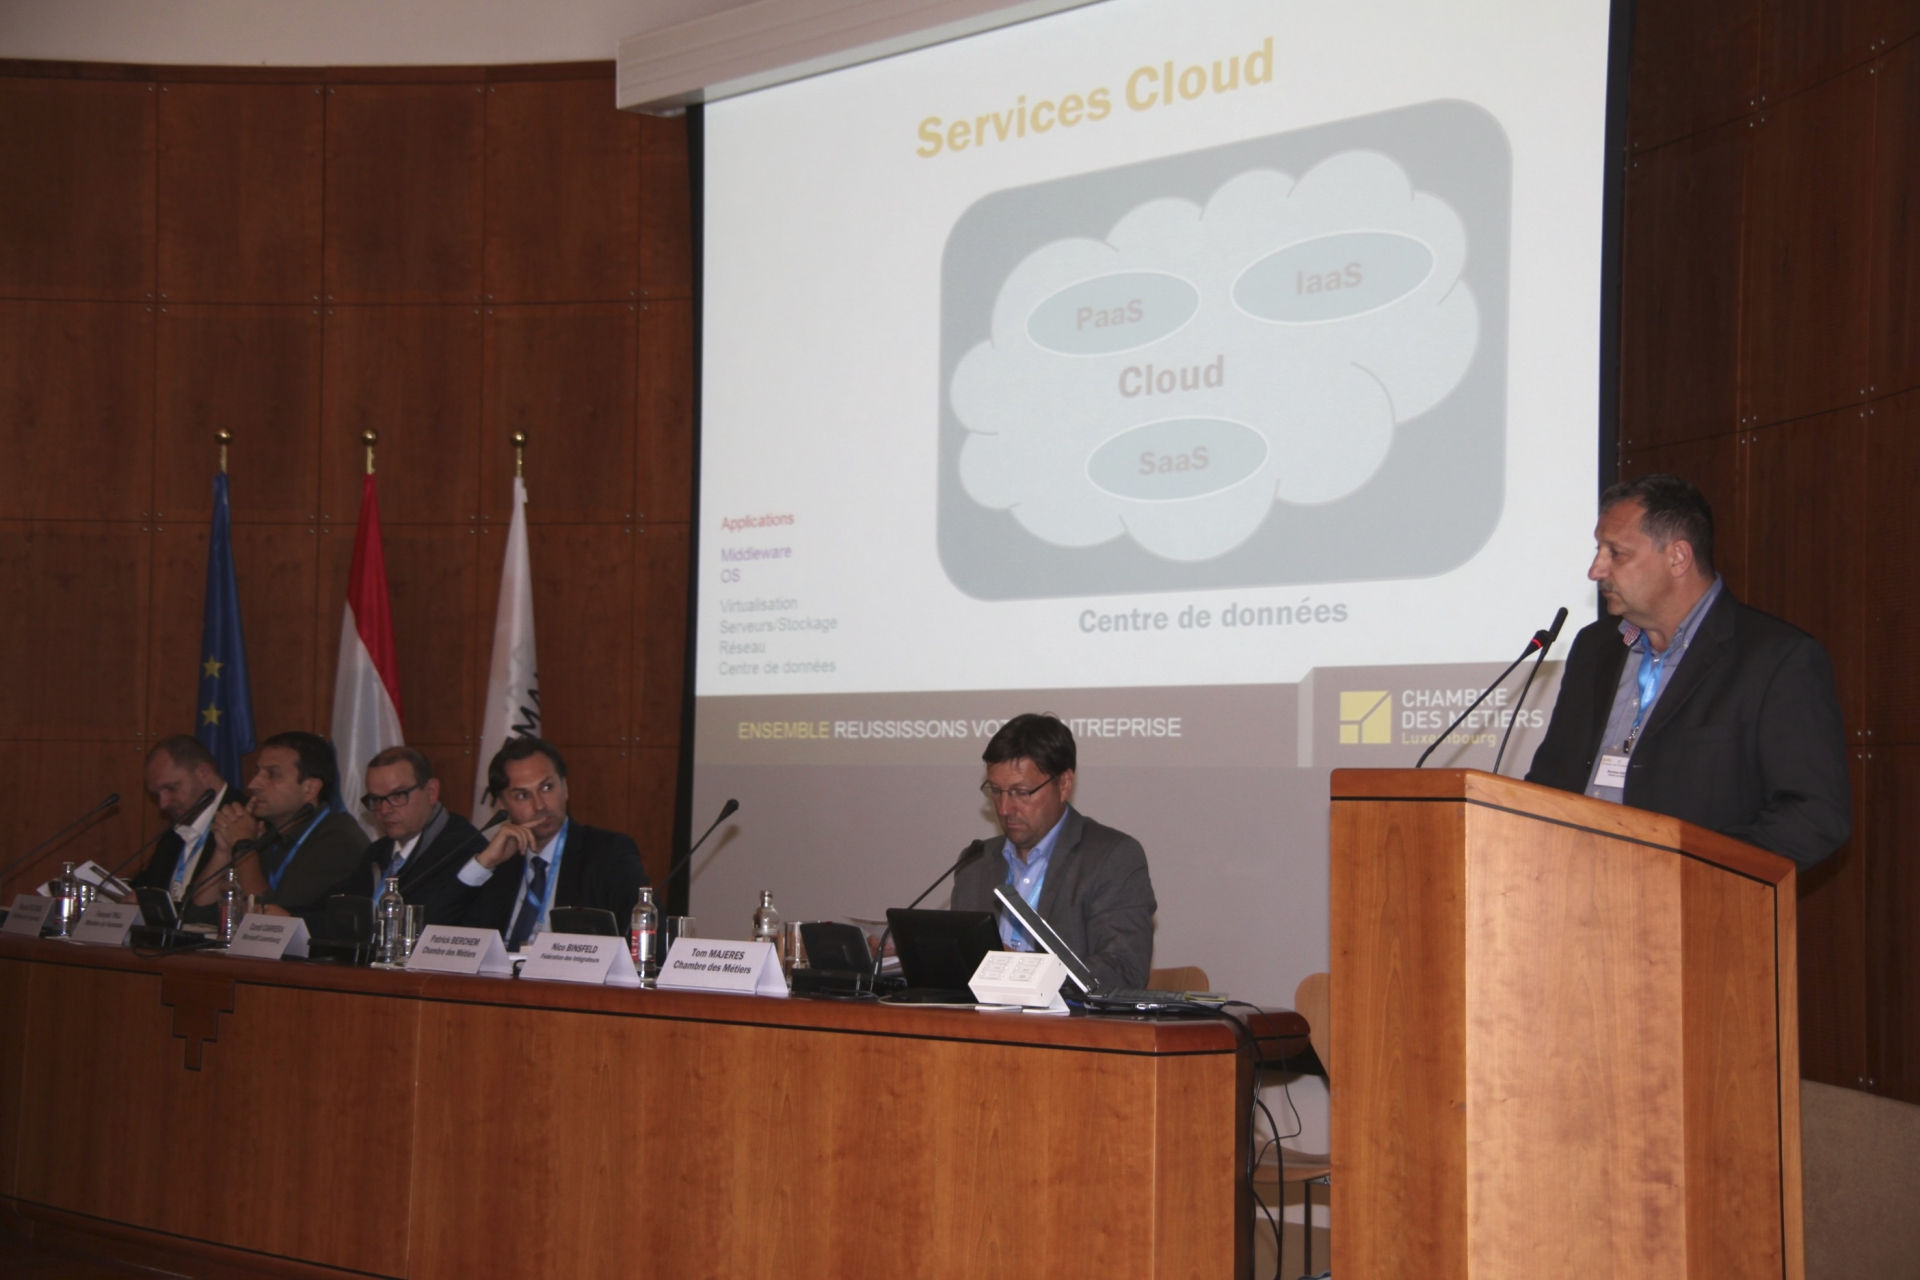 Journées eHandwierk: Le Cloud Computing au service des PME 2015